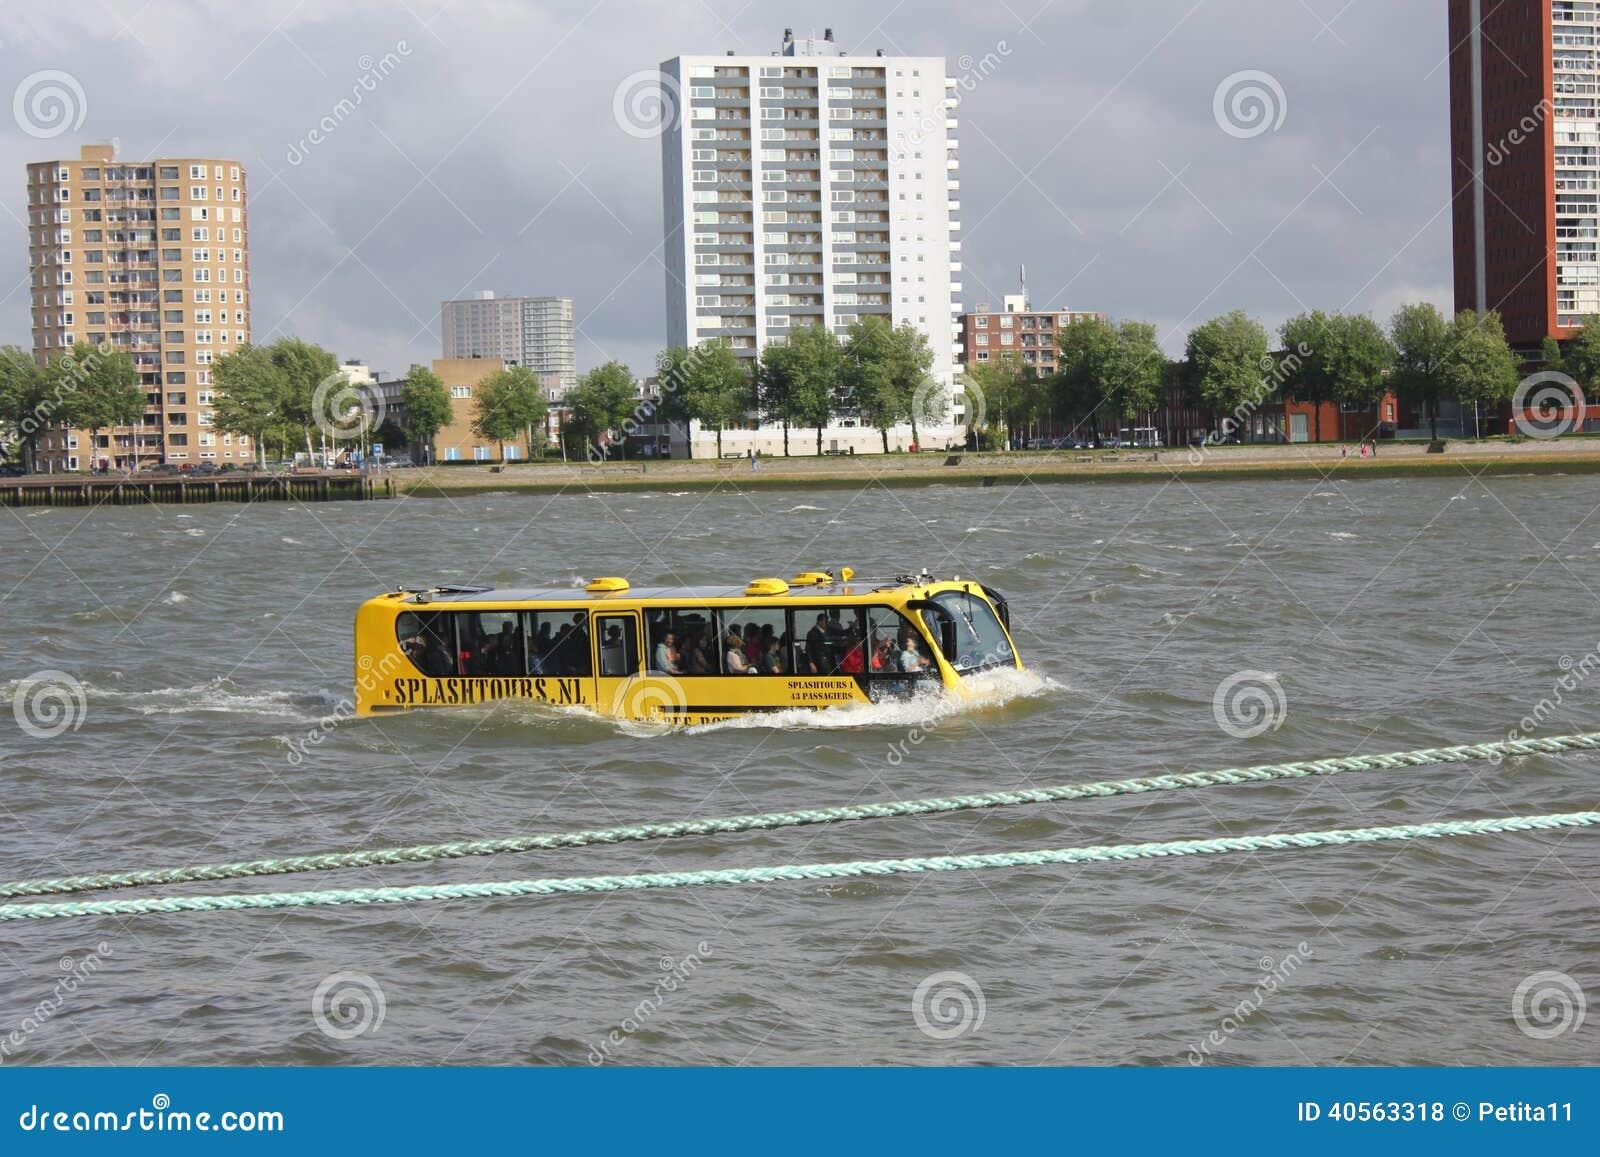 Unieke amfibie (Land en Water) Bus op Rivier Maa